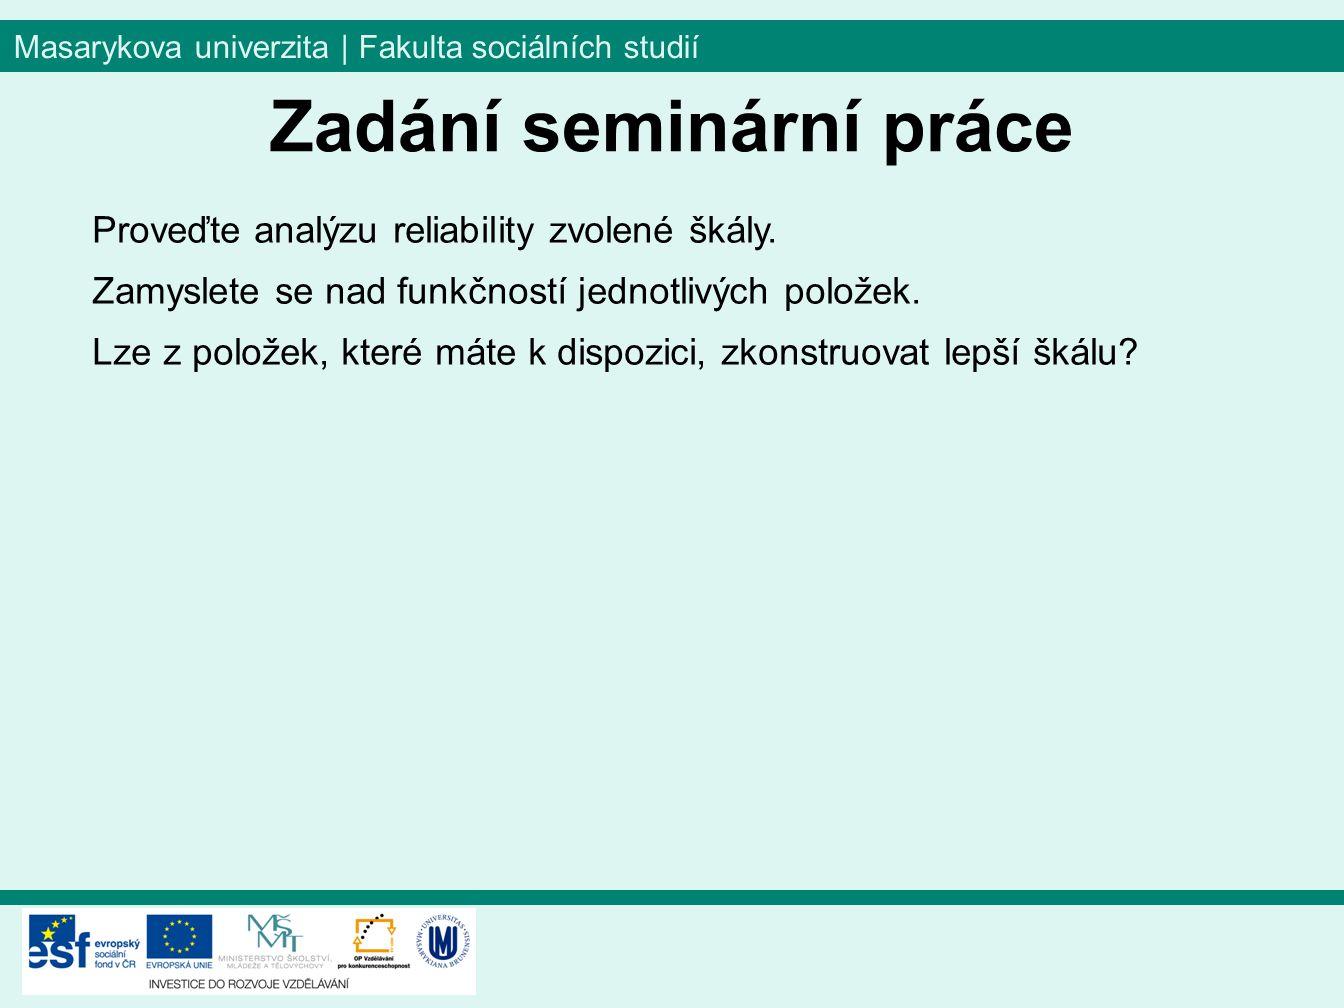 Masarykova univerzita | Fakulta sociálních studií Proveďte analýzu reliability zvolené škály.